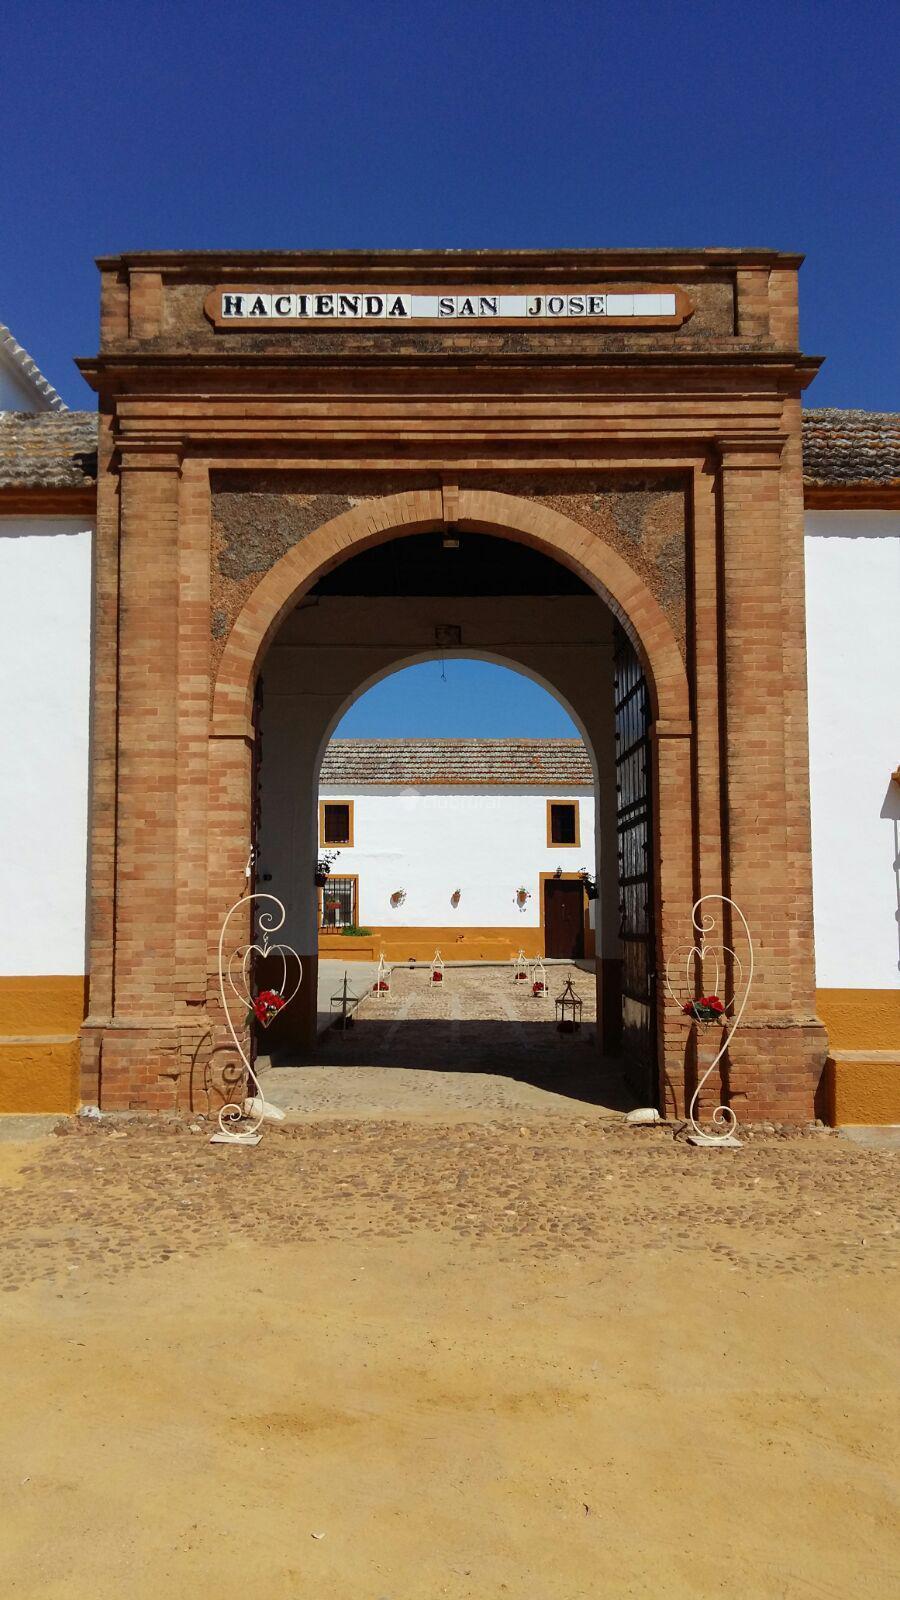 Fotos de hacienda san jose sevilla carmona clubrural for Oficinas de hacienda en sevilla